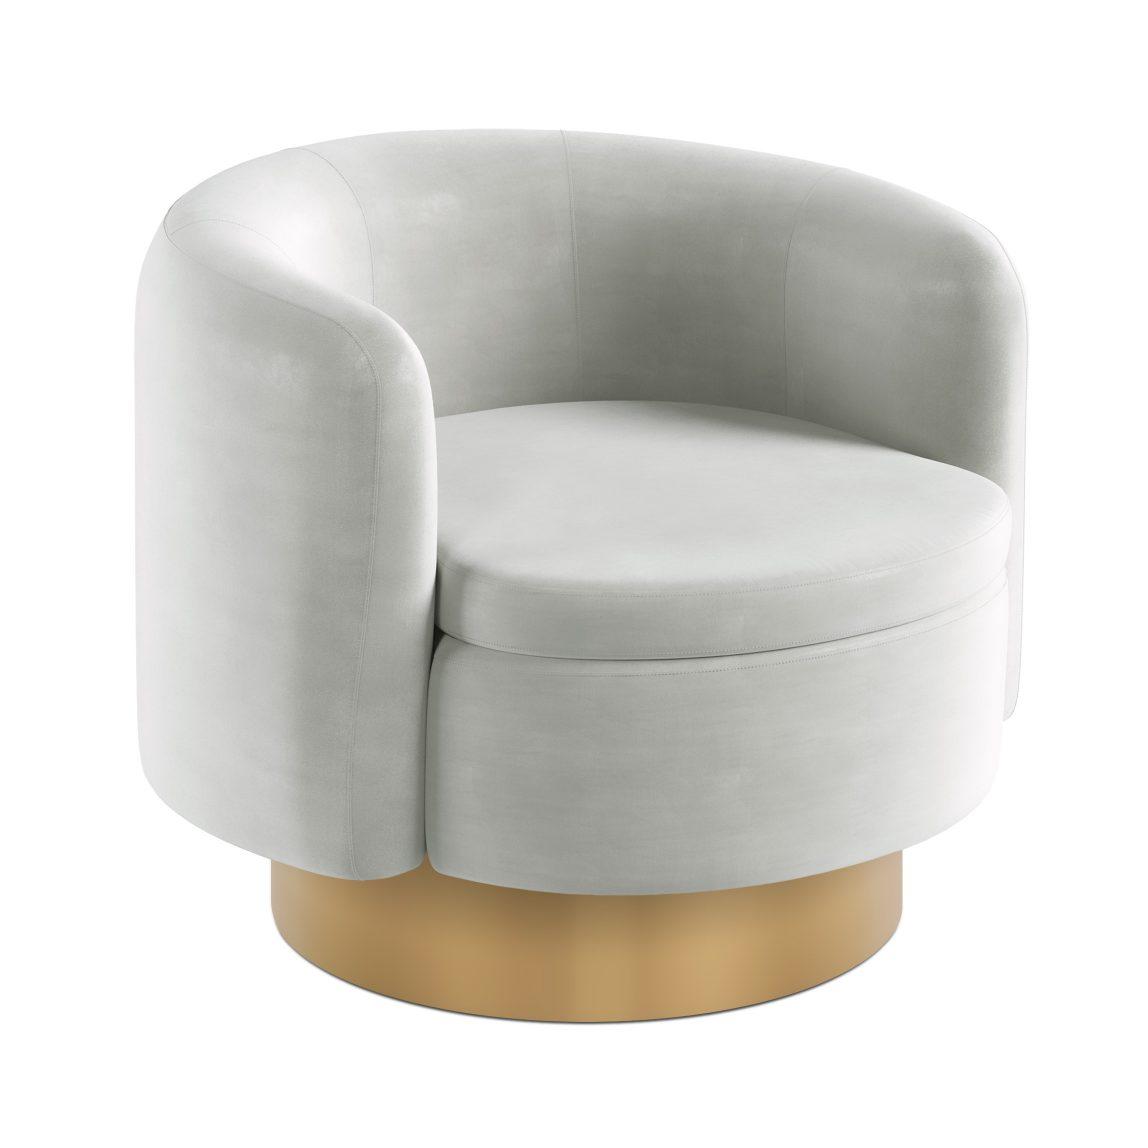 Дизайнерское круглое кресло